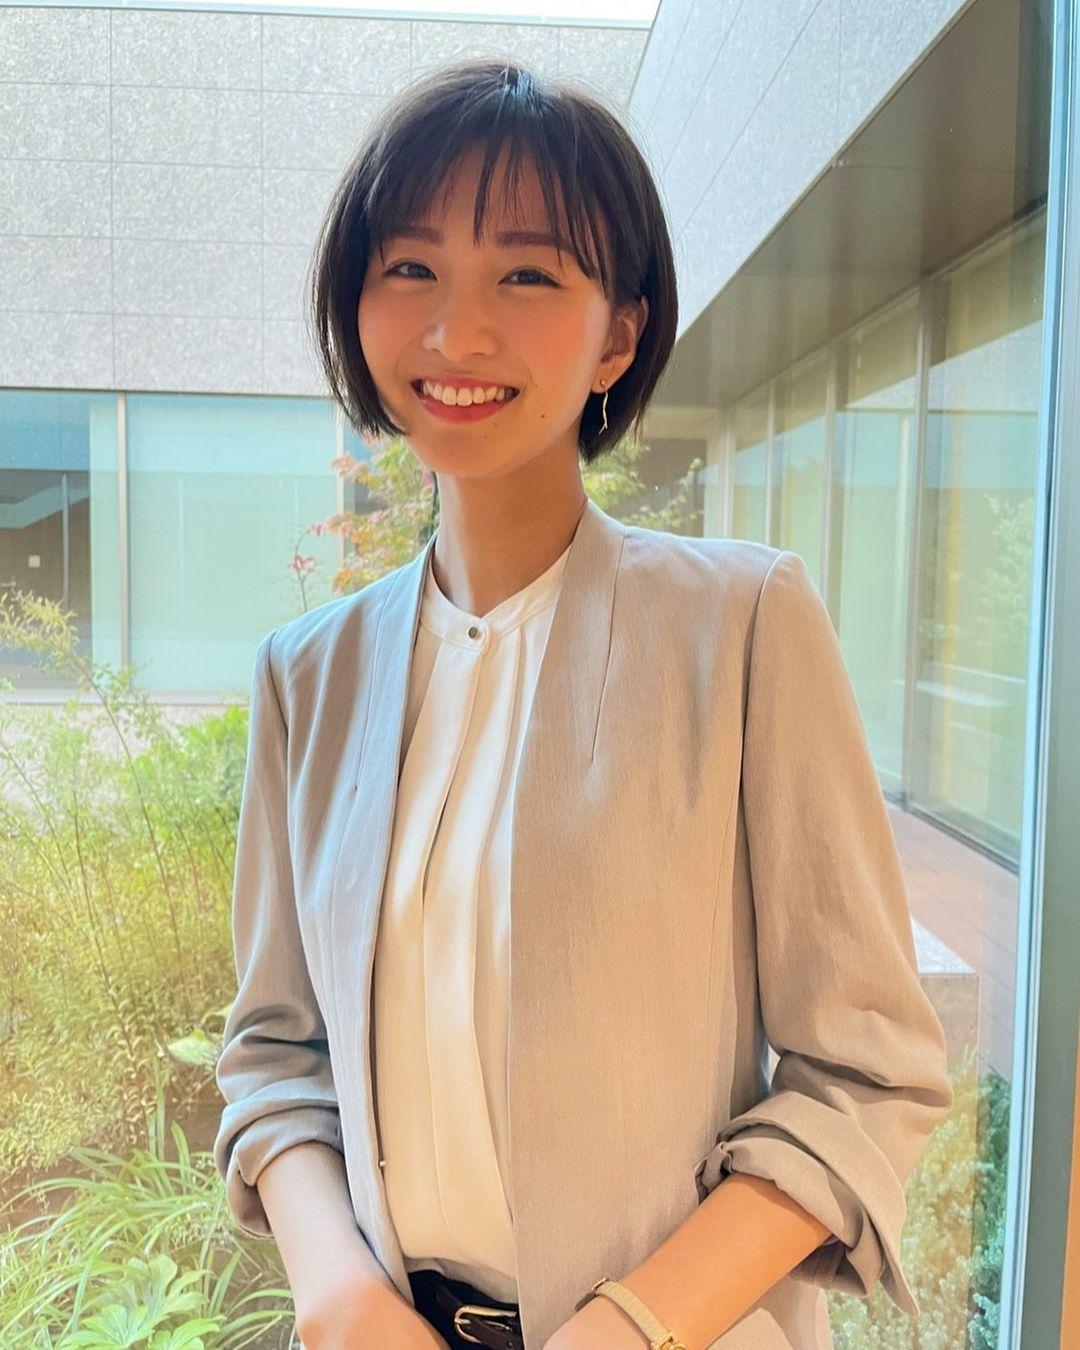 日系时尚杂志模特冈崎纱绘清甜笑容亲和力十足完全就是女友理想型 网络美女 第20张